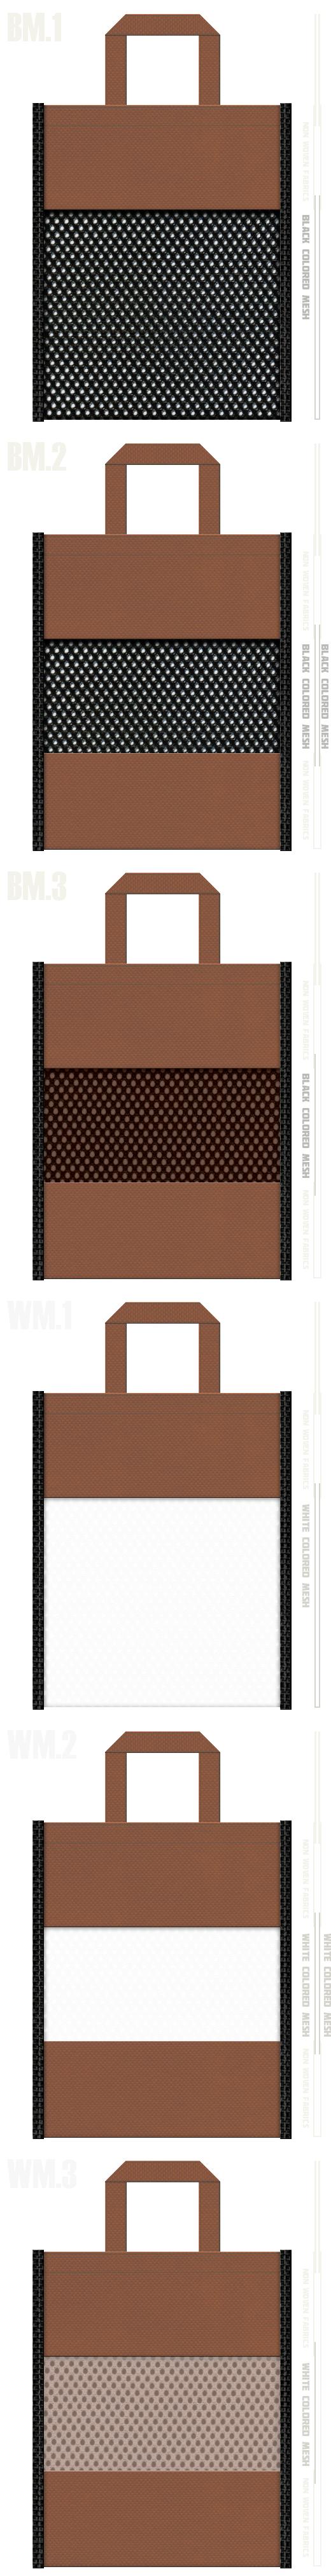 フラットタイプのメッシュバッグのカラーシミュレーション:黒色・白色メッシュと茶色不織布の組み合わせ